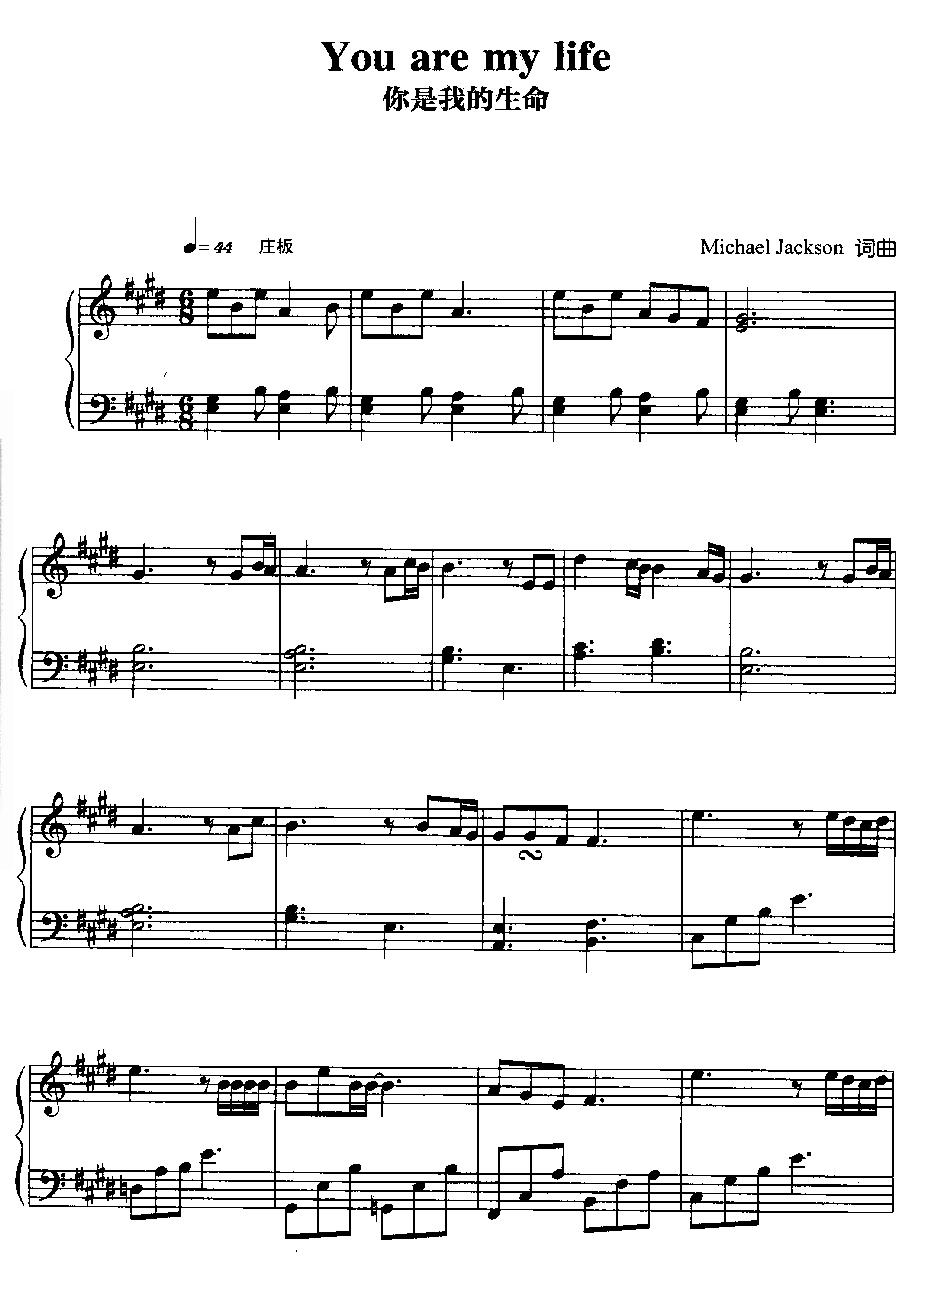 麦克·杰克逊金曲钢琴谱《You are my life 你是我的生命》